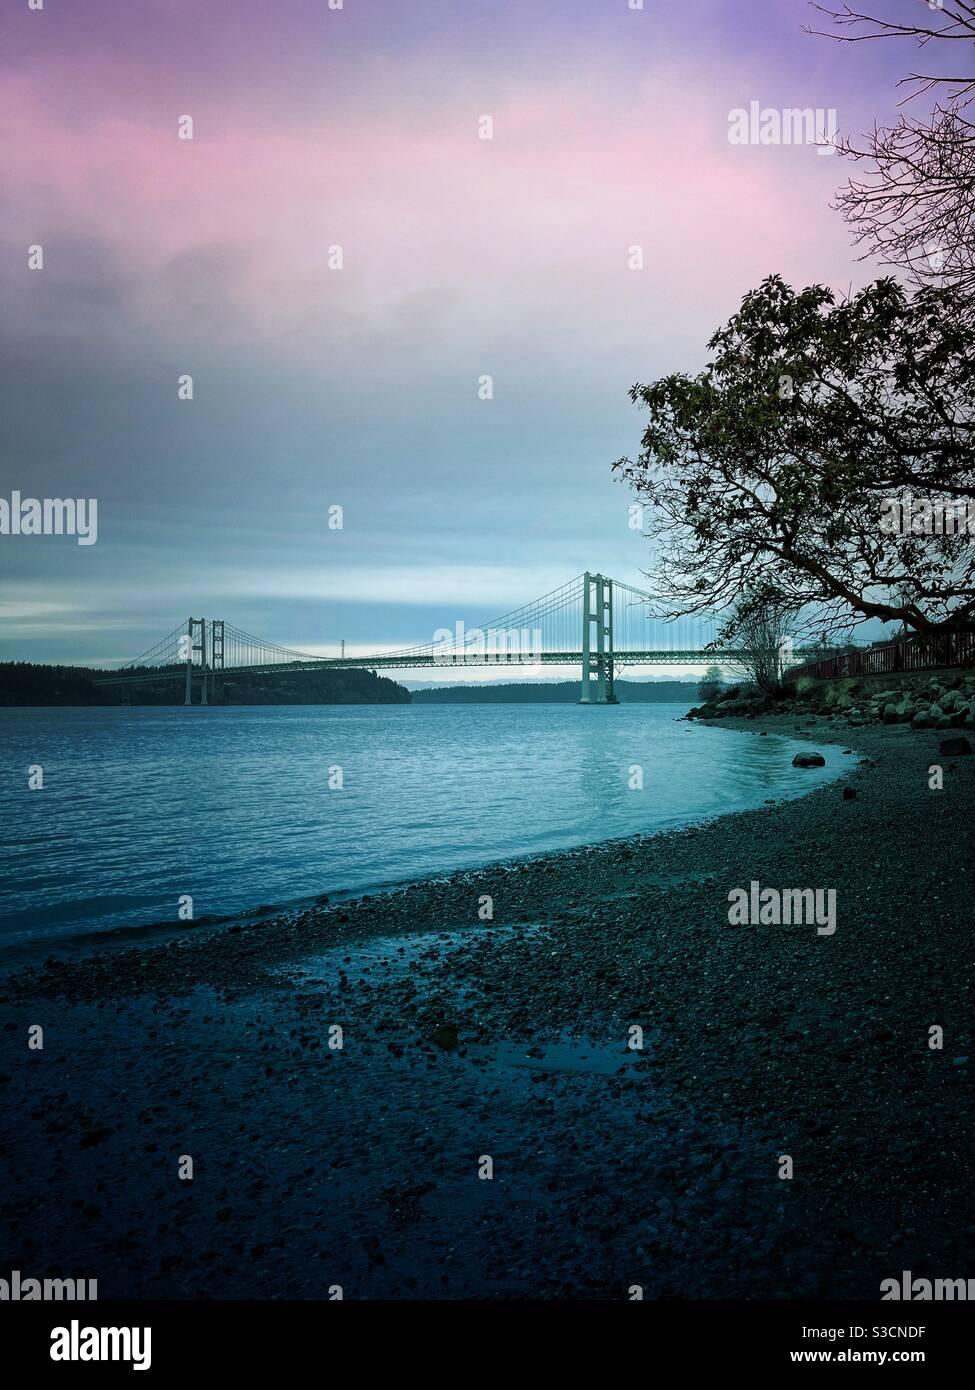 Tacoma Narrows bridge seen from the beach Stock Photo